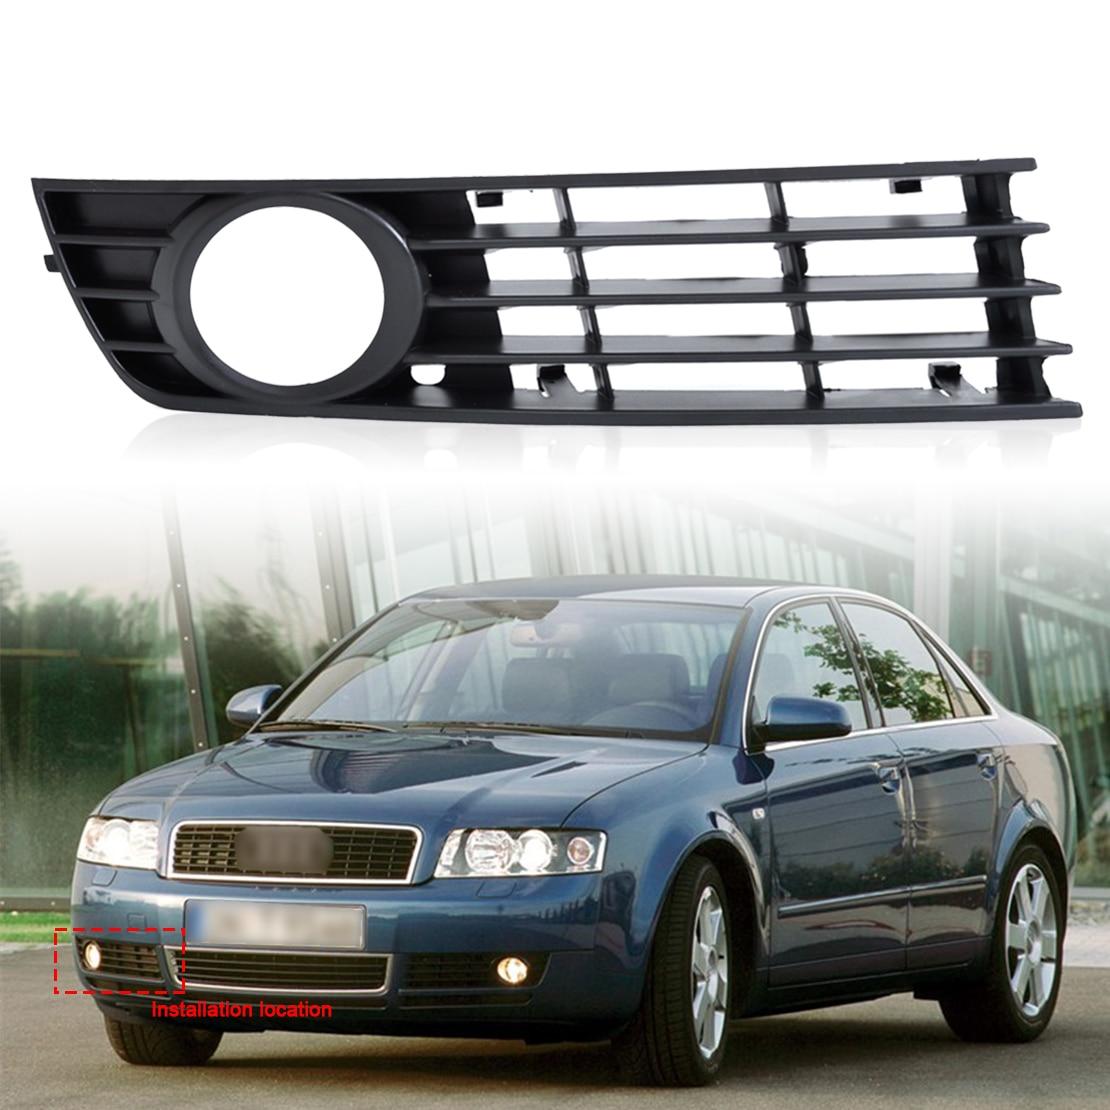 DWCX 8E0807682 Προστατευτικό πλέγμα μπροστινού δεξιού παρεμβύσματος παρεμβύσματος φώτων ομίχλης για Audi A4 B6 2002 2003 2004 2005